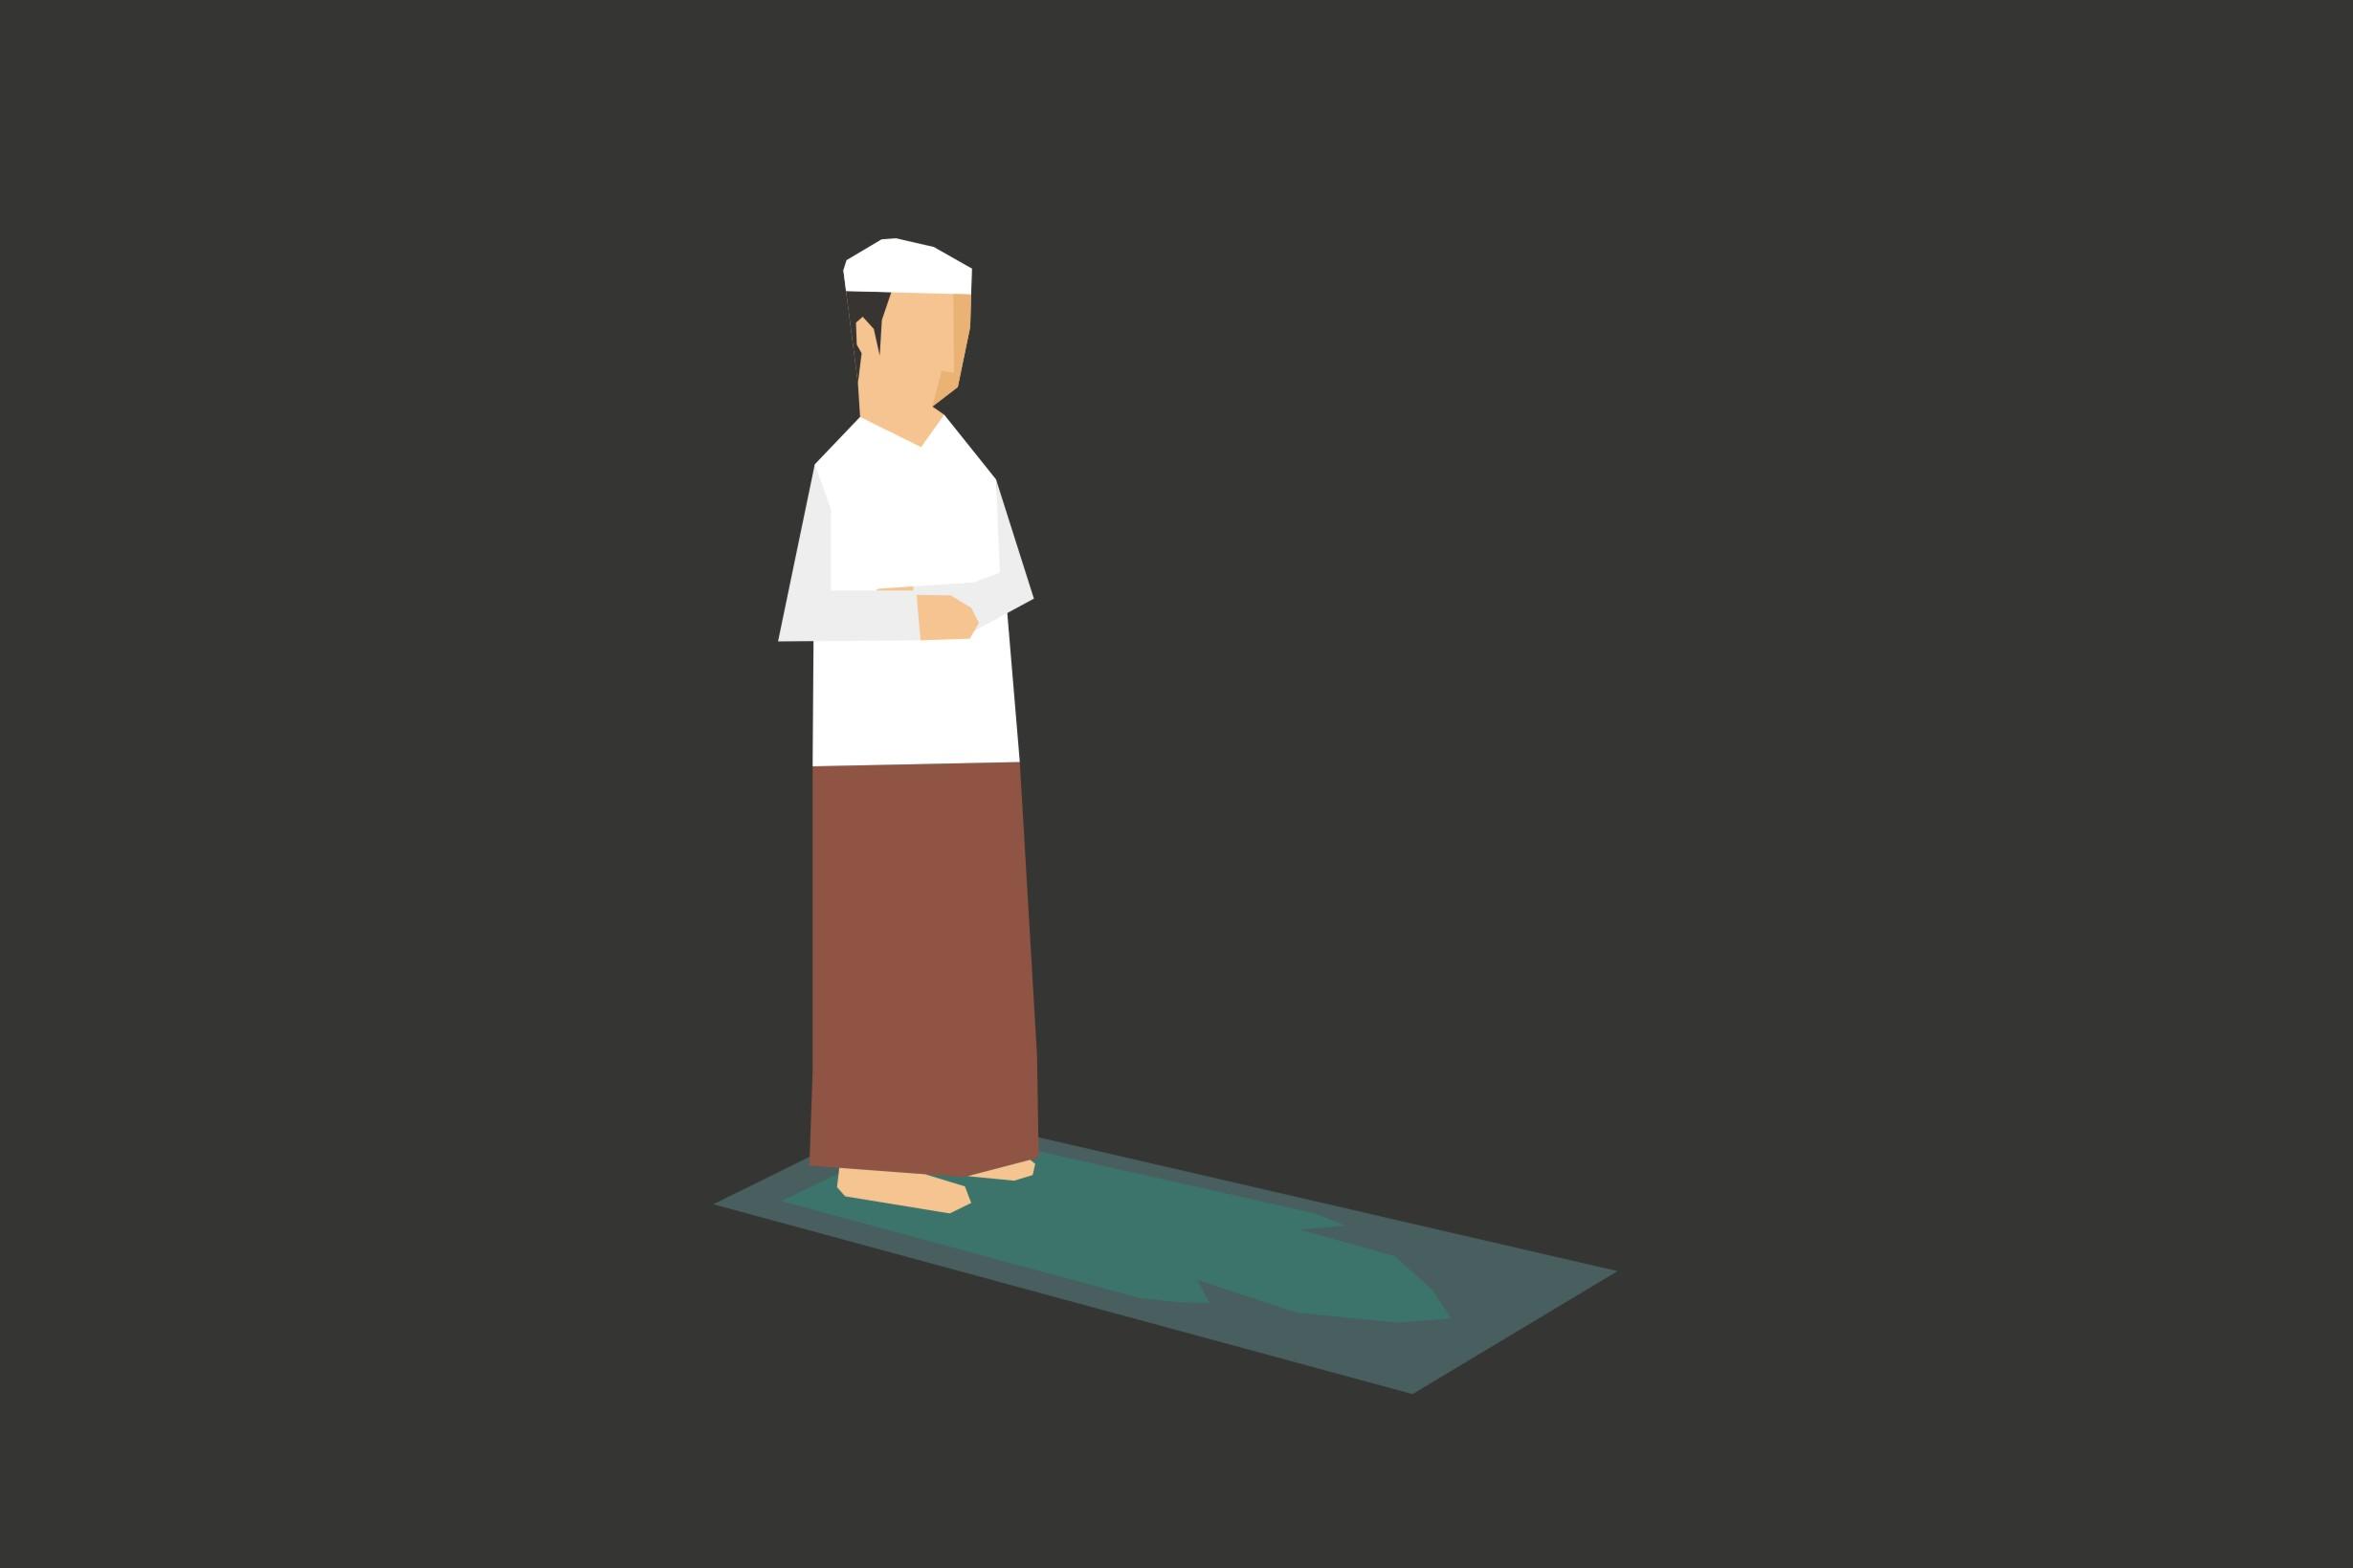 5 Kali Jumat dalam bulan Ramadan, adakah keistimewaannya?